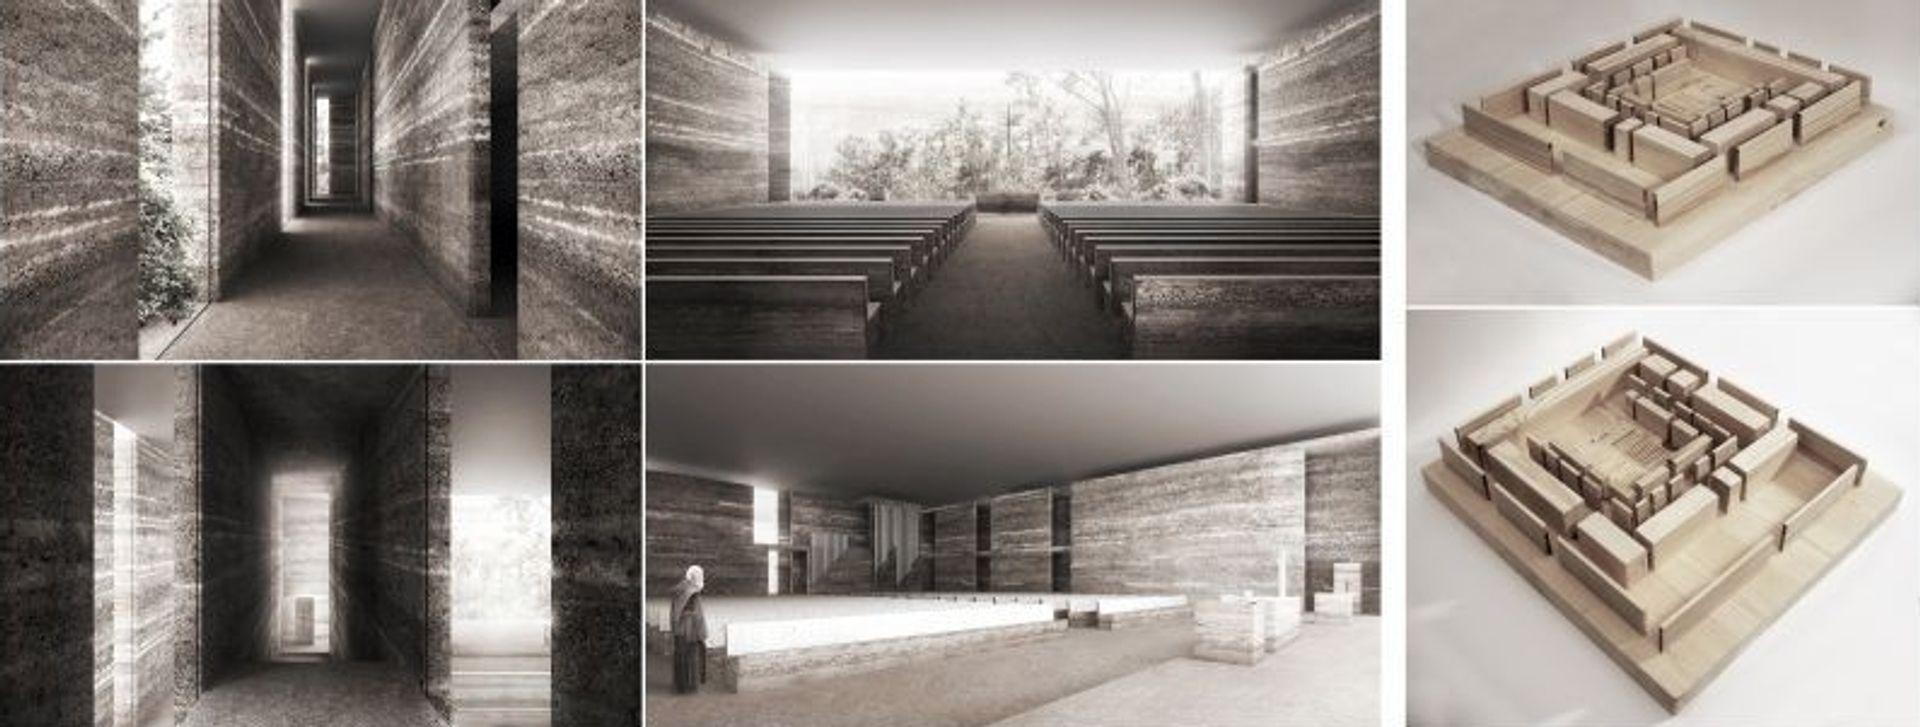 [Wrocław] Tak może wyglądać kościół na Nowych Żernikach. Są wyniki konkursu